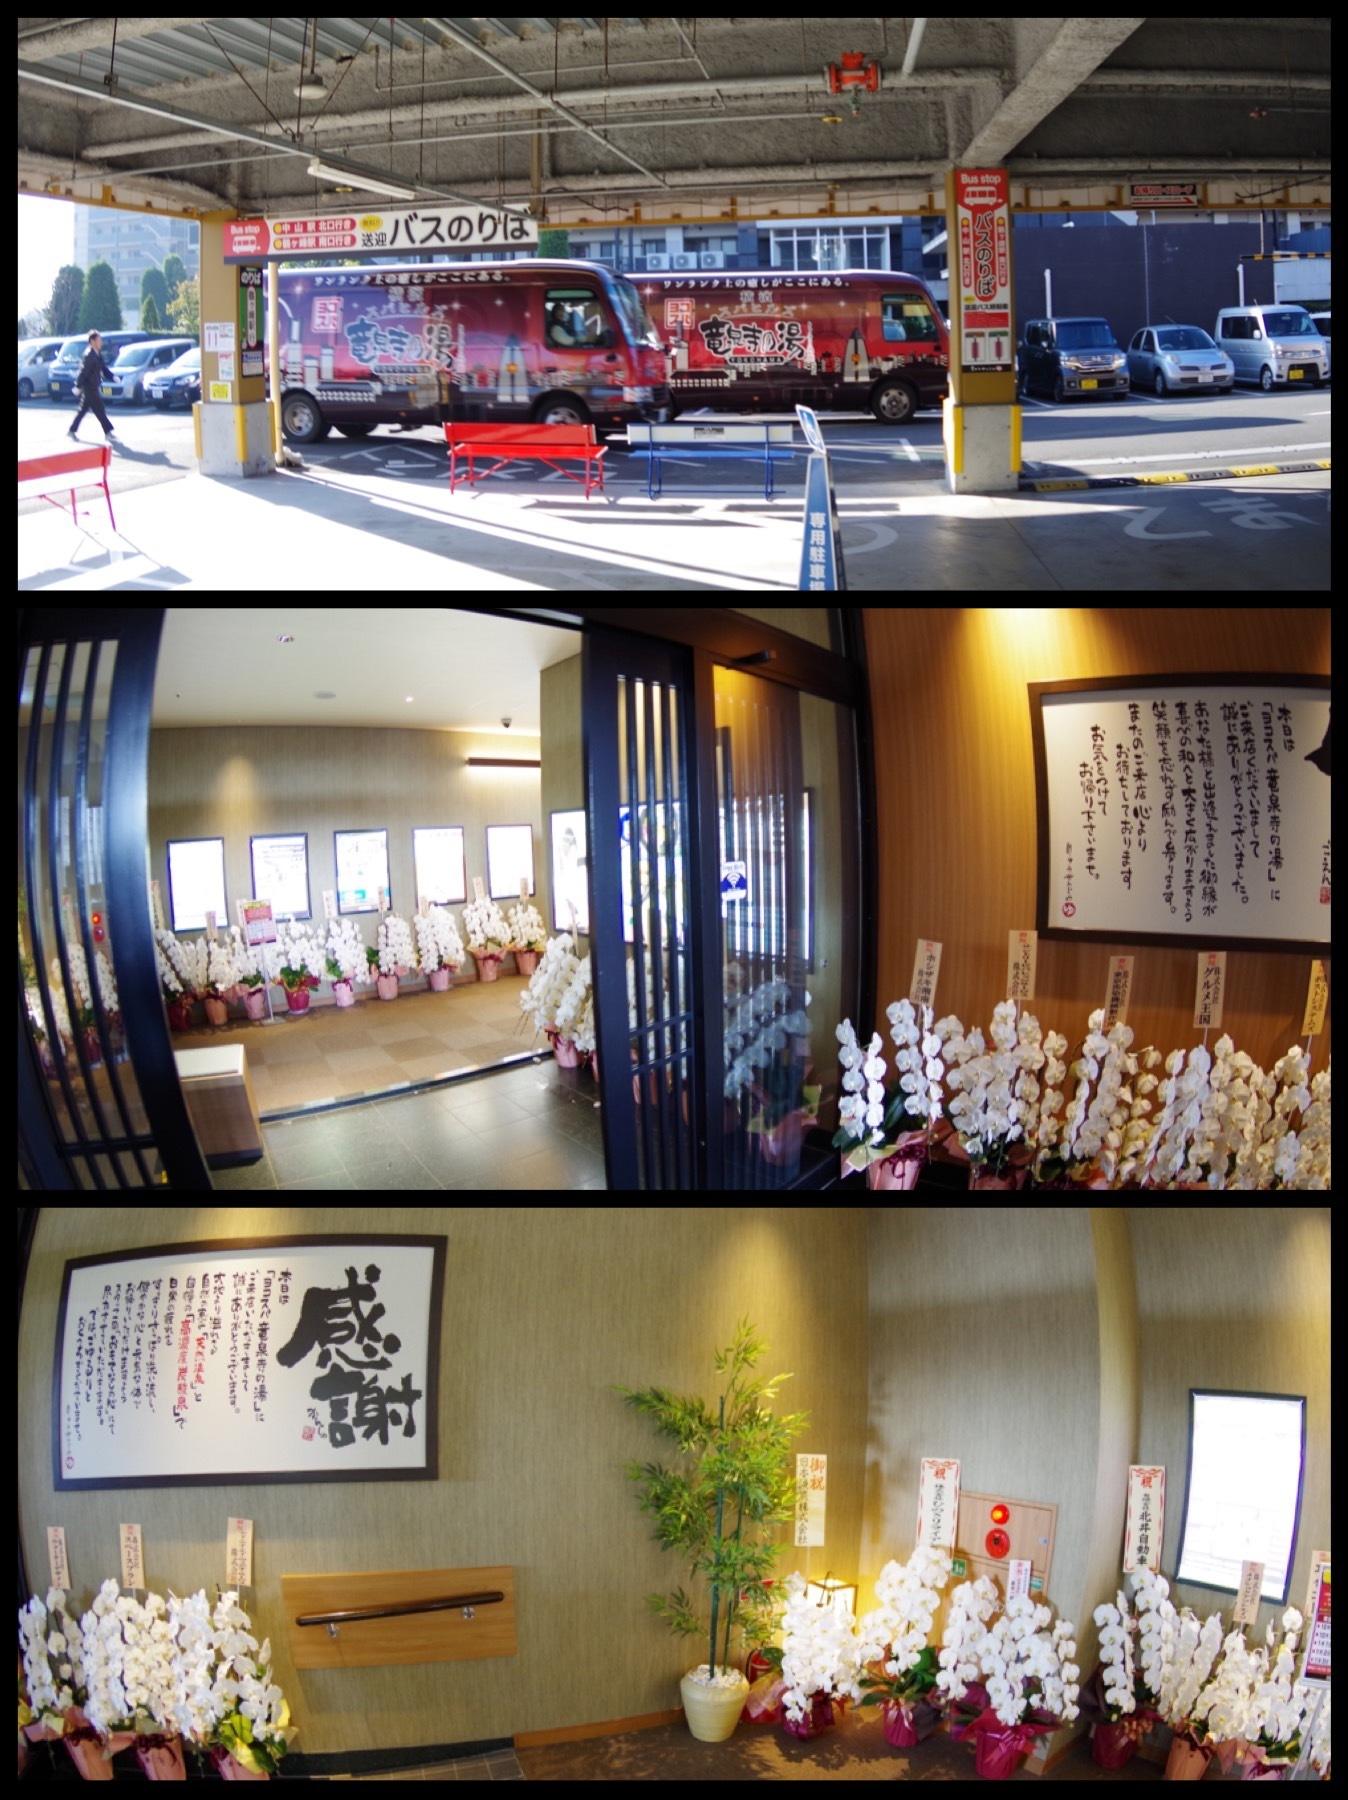 竜泉寺の湯 横濱鶴ヶ峰店改装 スパヒルズ横濱竜泉寺の湯 ヨコスパ